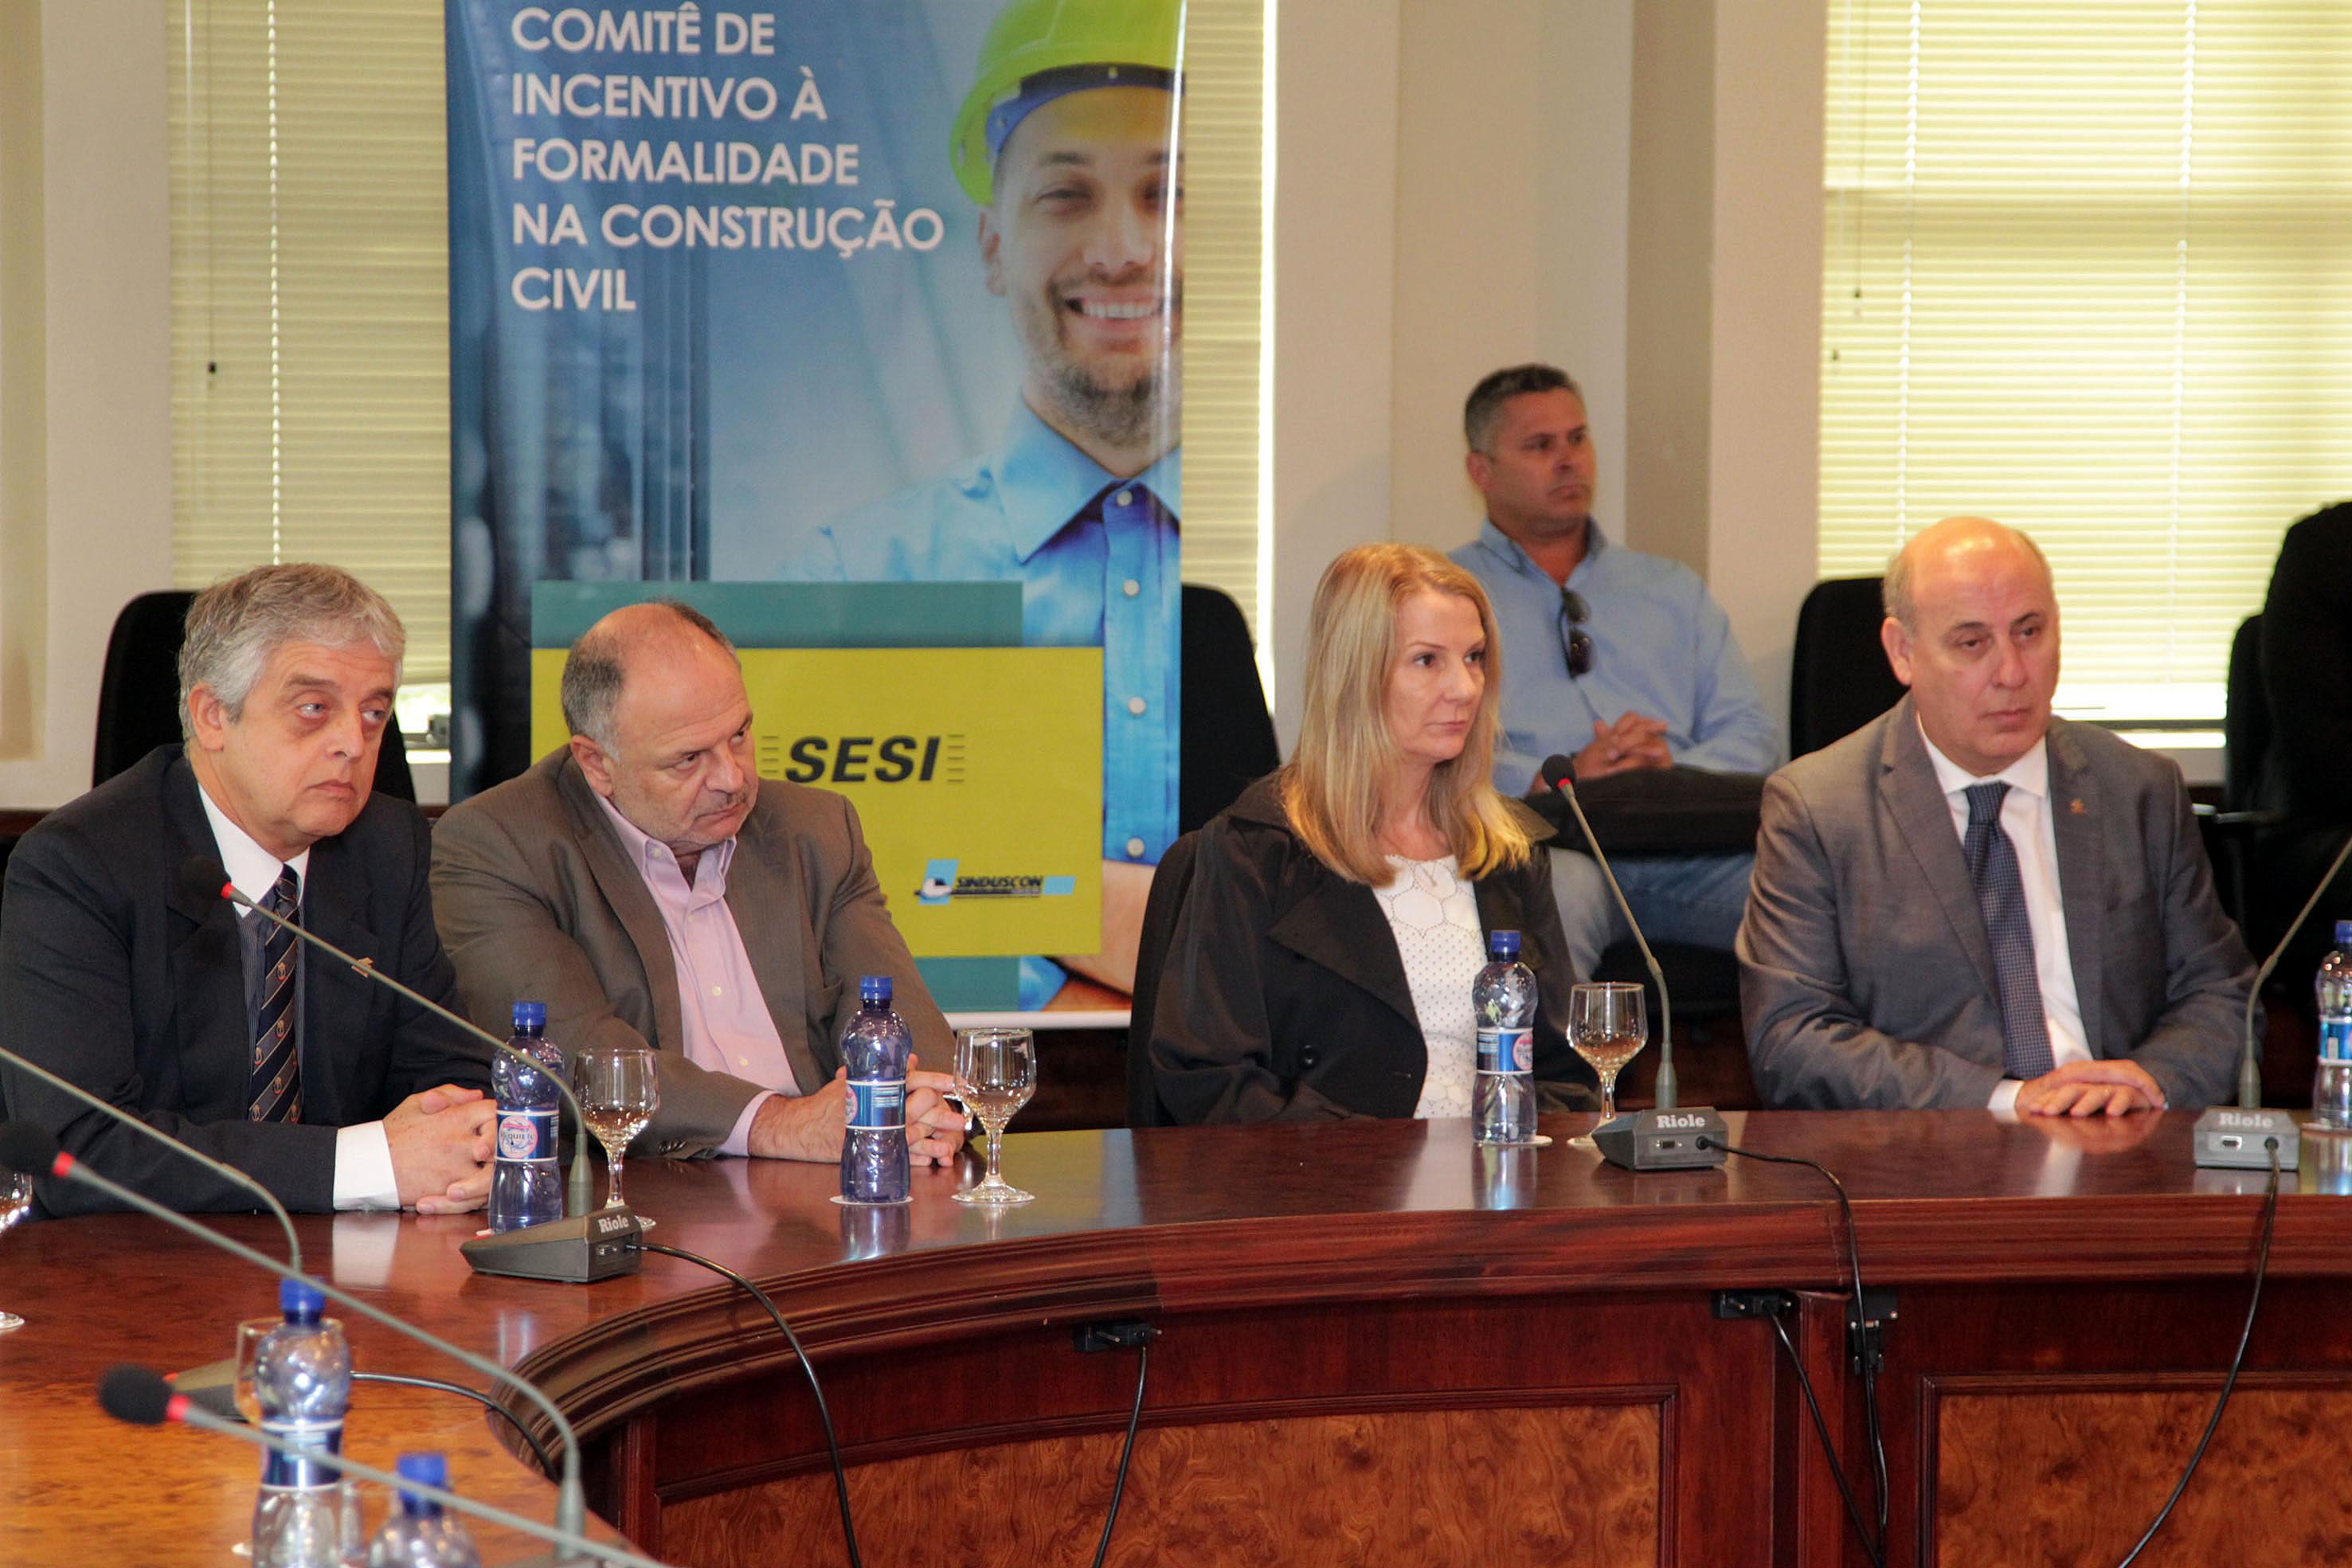 Reunião do Comitê de Incentivo à Formalidade: no Brasil, pode haver 3 milhões de trabalhadores atuando sem registro na construção civil